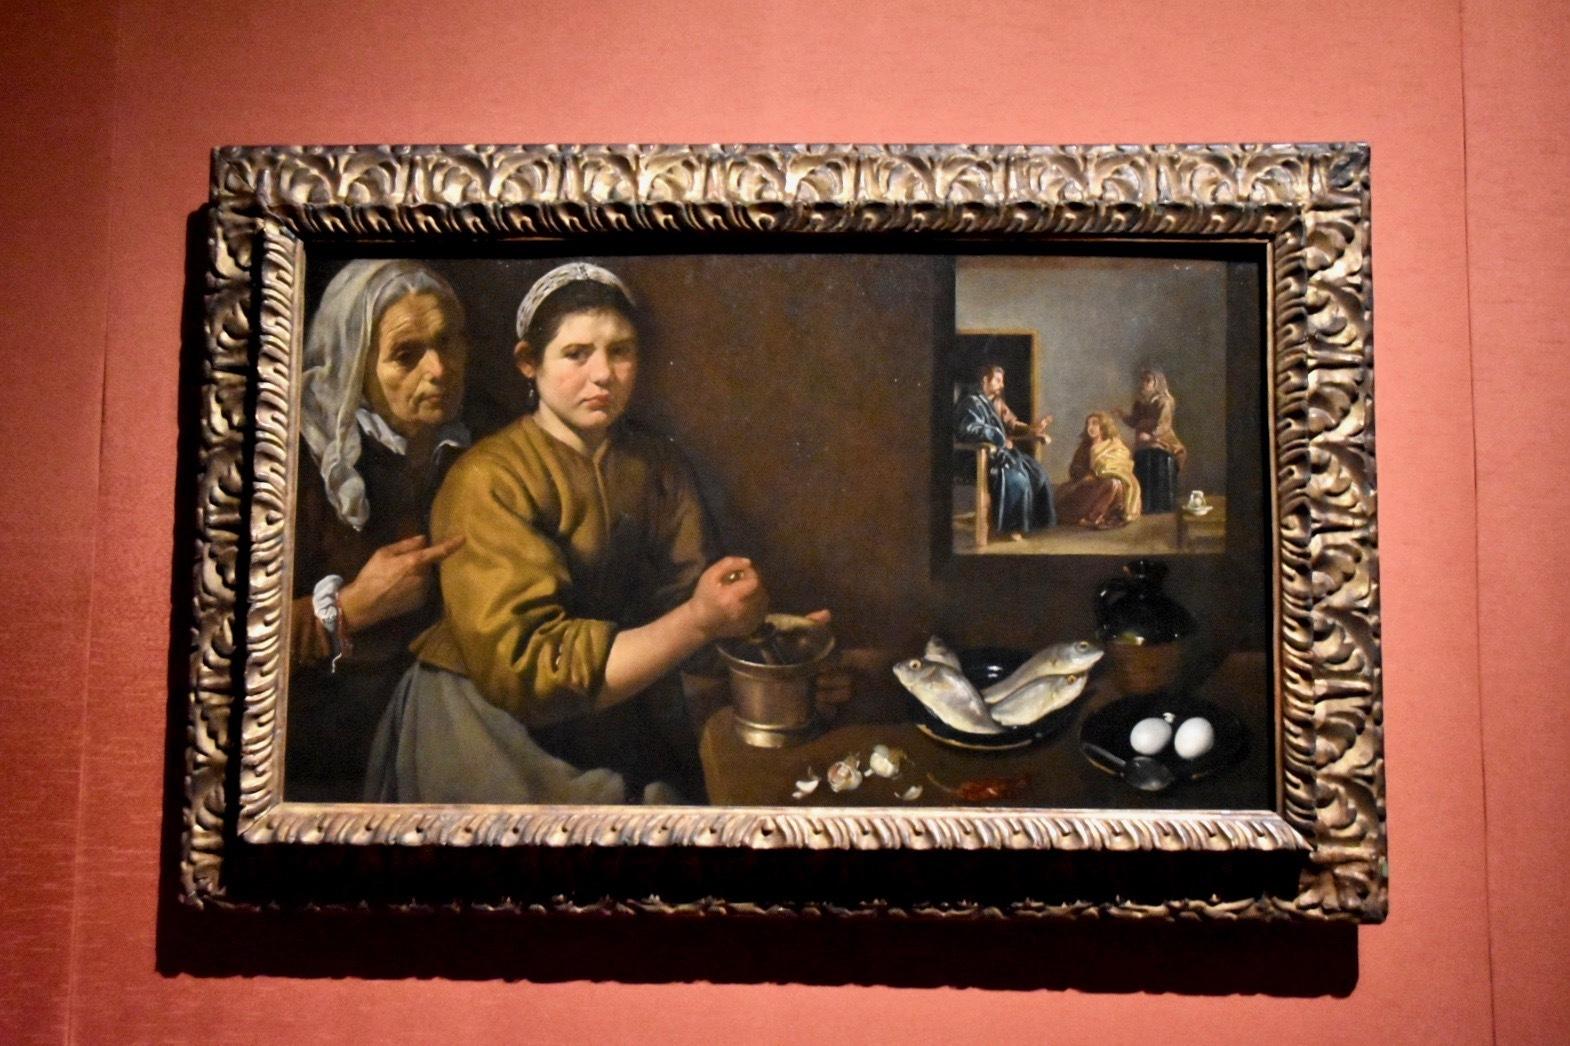 ディエゴ・ベラスケス《マルタとマリアの家のキリスト》1618年頃